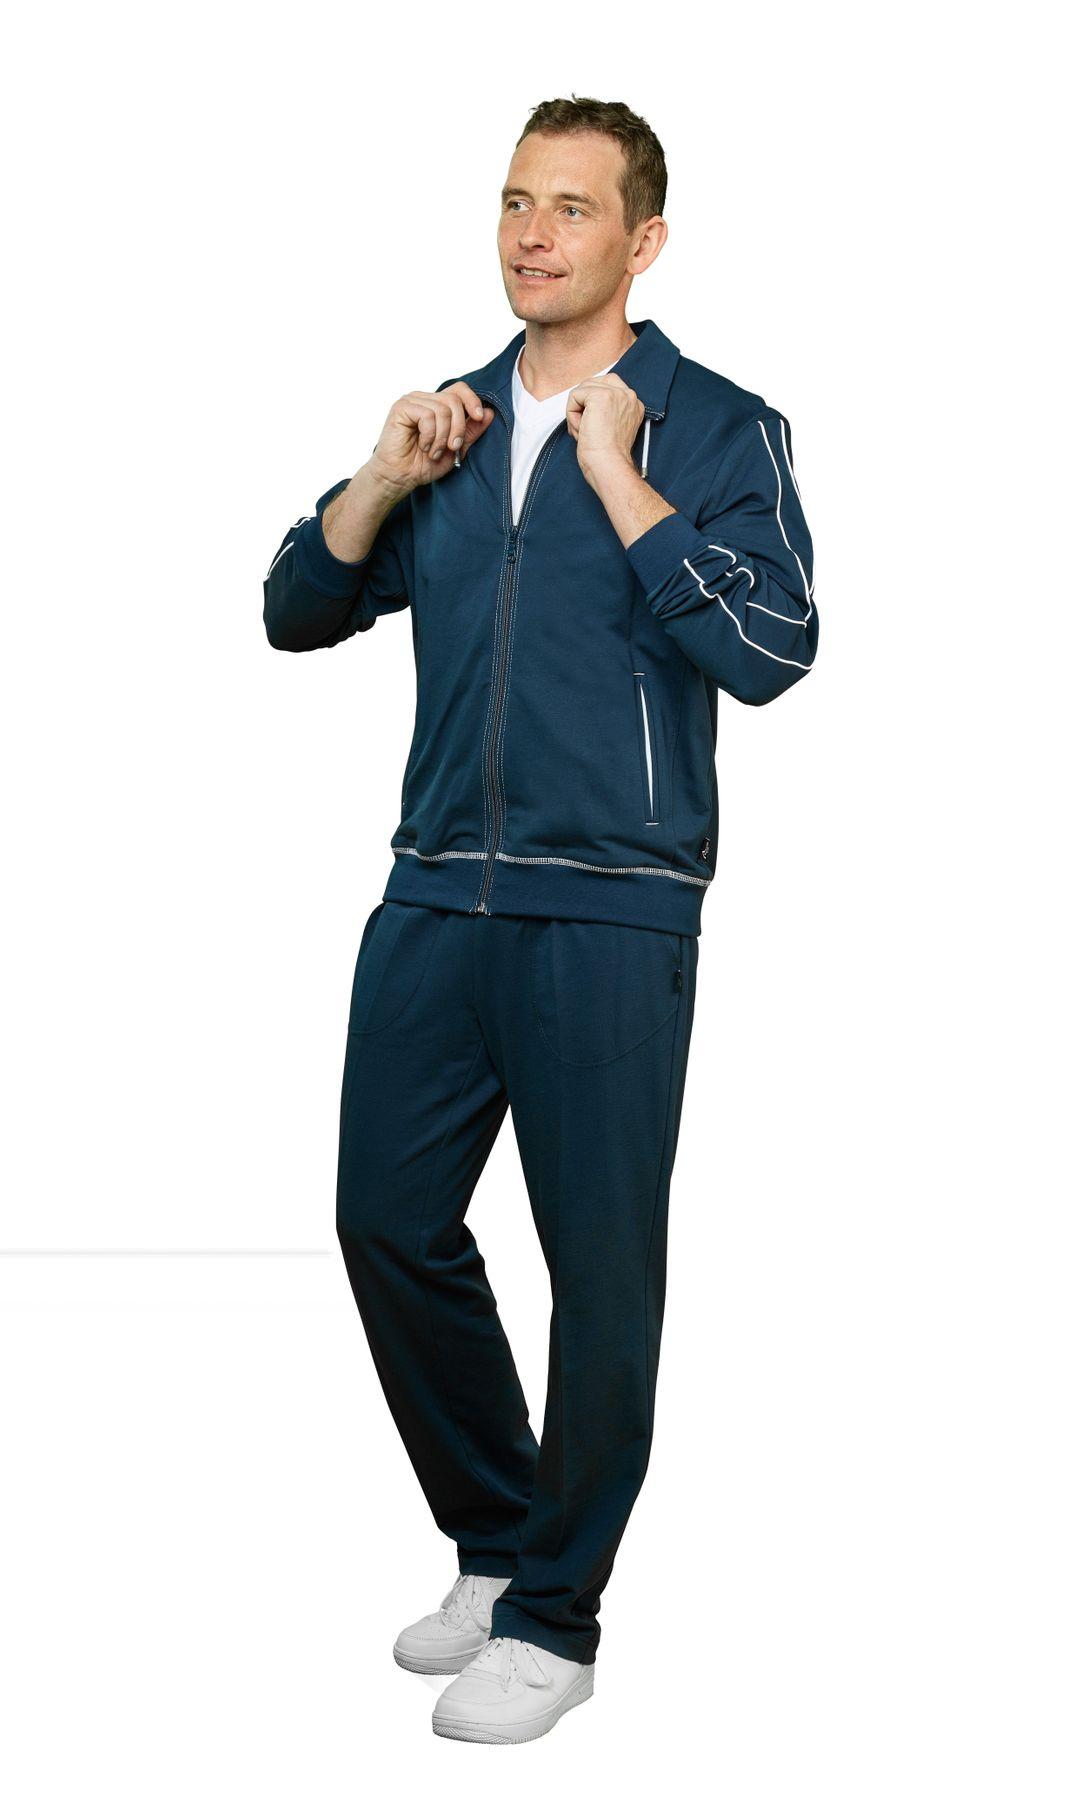 Authentic klein - Herren Sport und Freizeit Jacke aus Baumwolle in Petrol Blau oder Schwarz (53031)